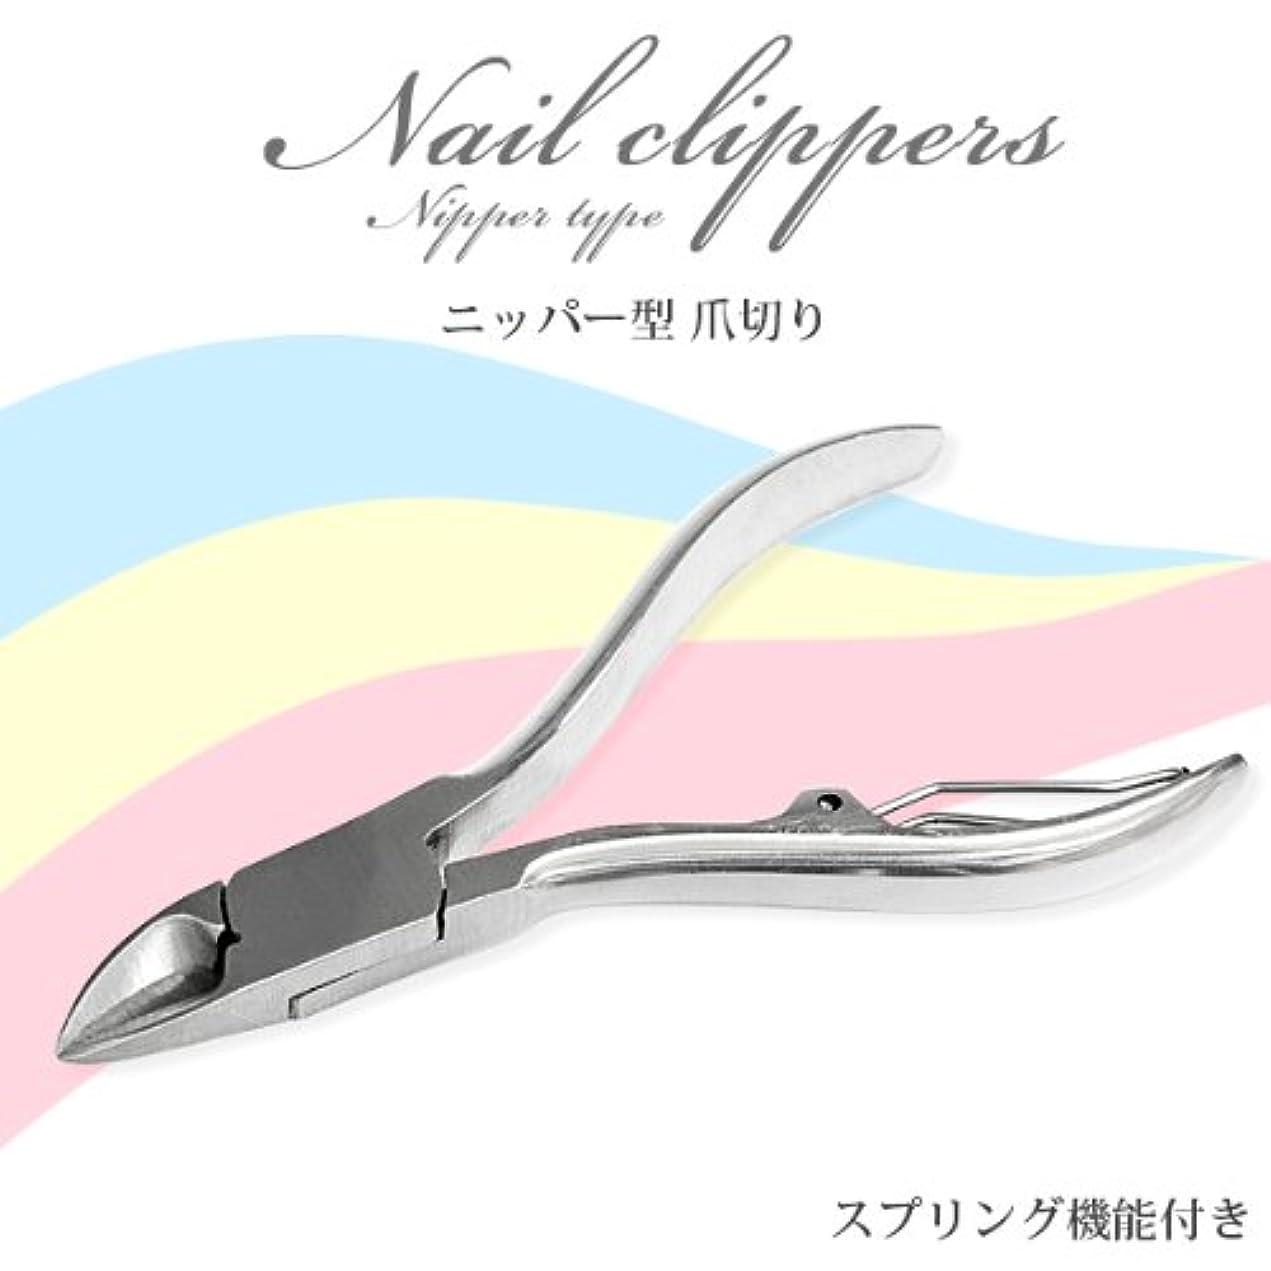 硬い爪?巻き爪?厚い爪もらくらくケア◆細かく綺麗に切れる◆ニッパー型爪切り